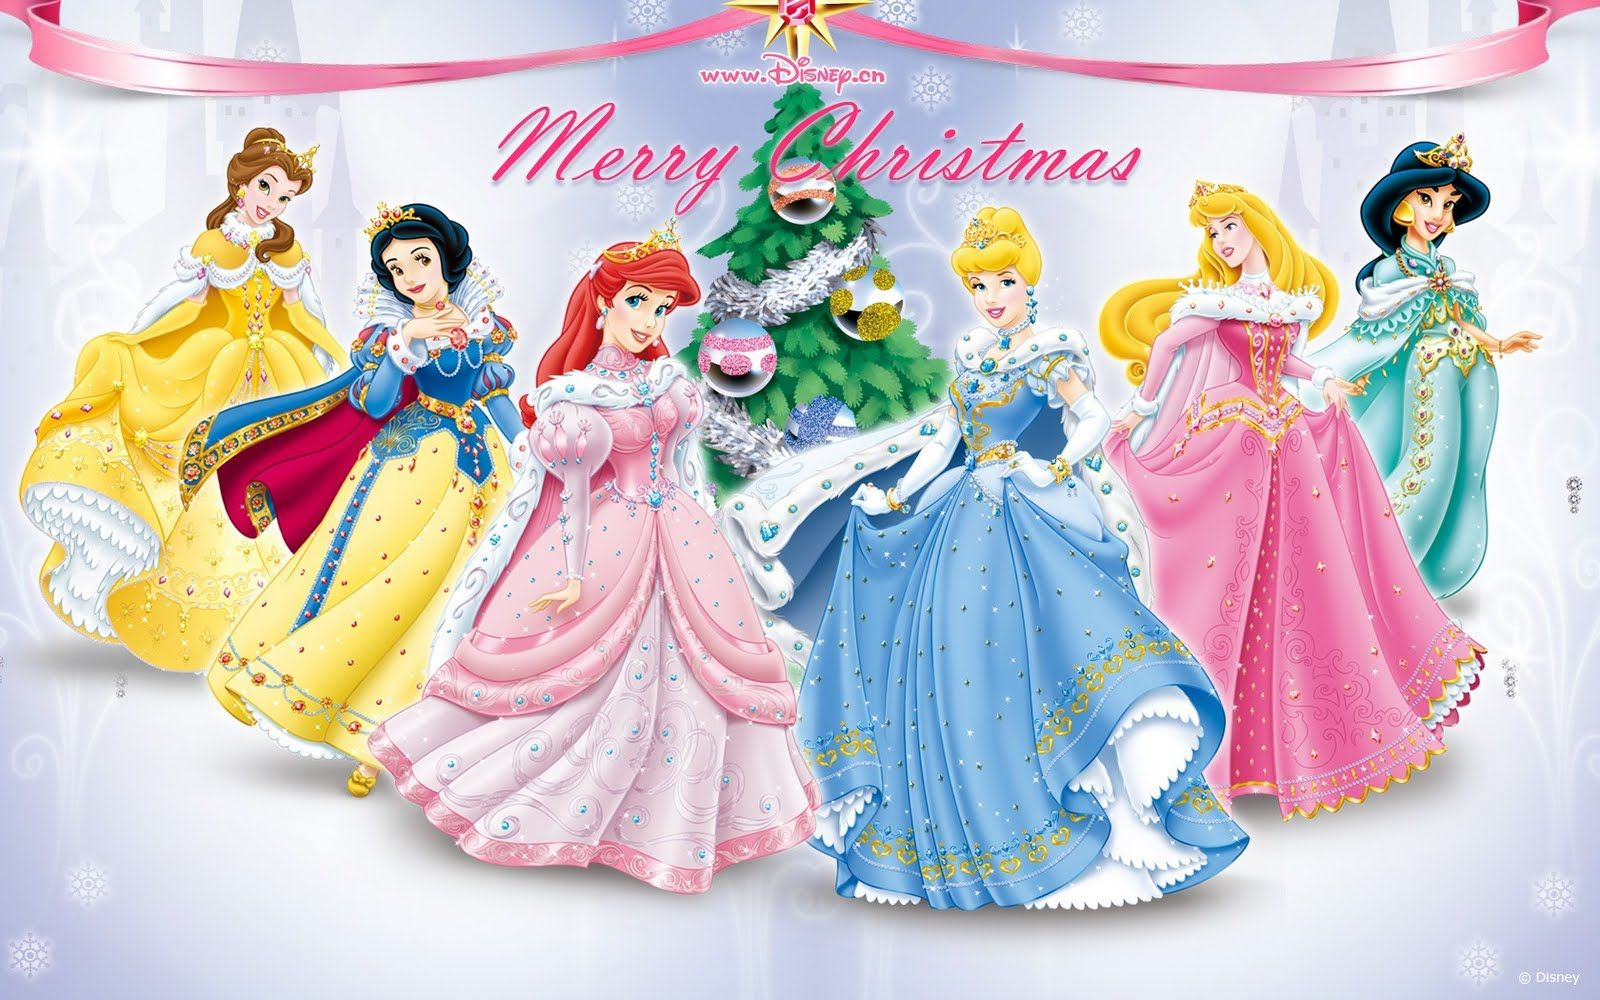 Princesas Disney Navidad Merry Christmas Disney Princess